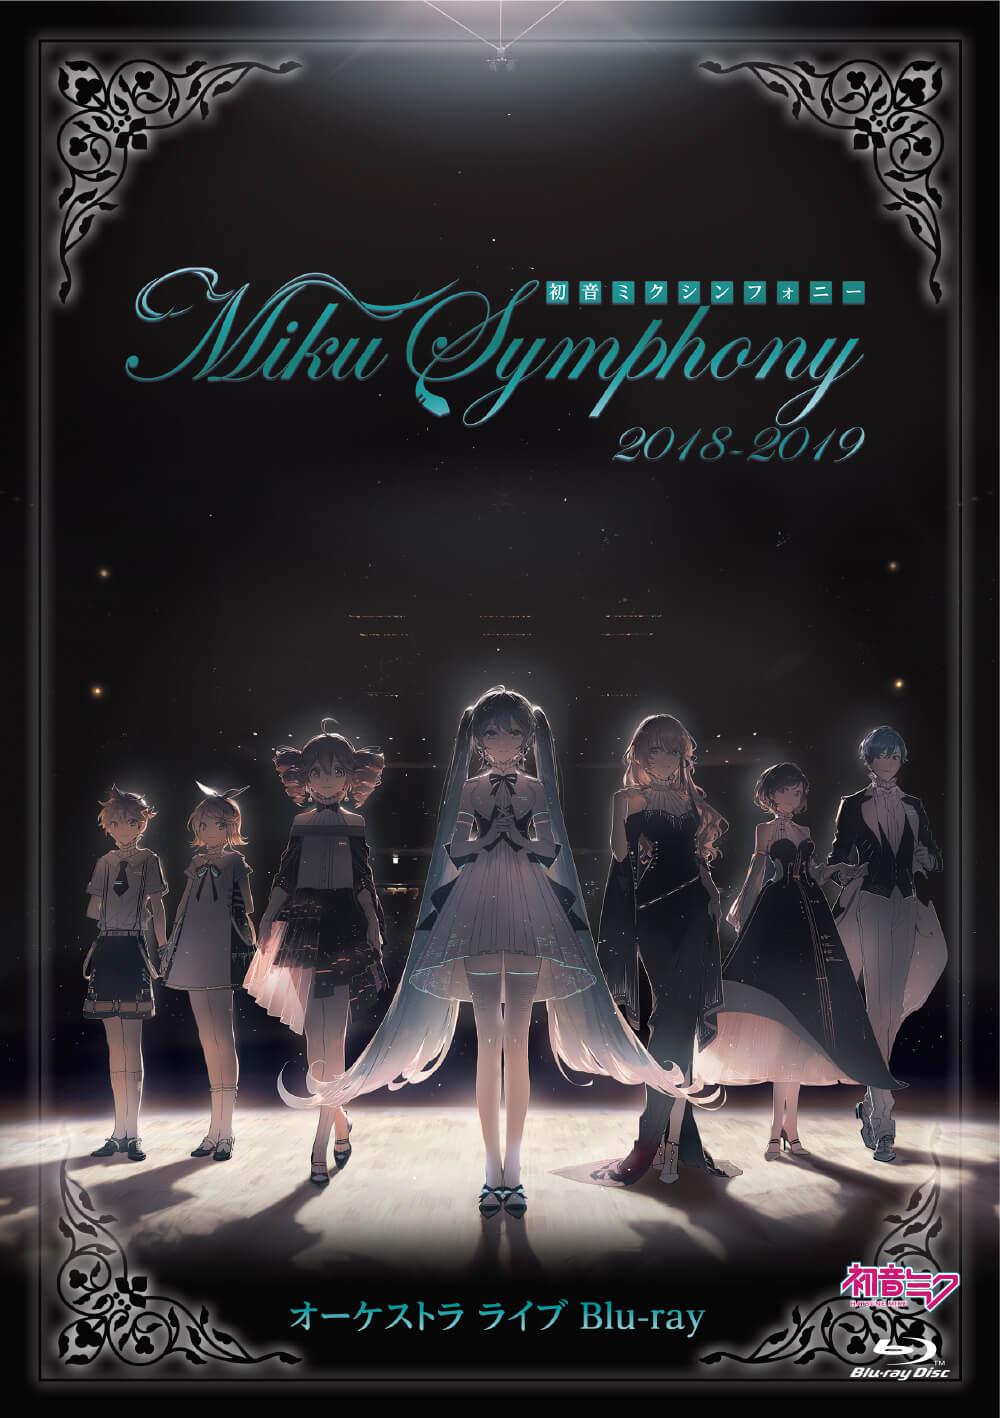 「初音ミクシンフォニー2019」miku hatsune 初音未來 初音ミクシンフォニー〜Miku Symphony 2018-2019~ オーケストラ — Blu-ray